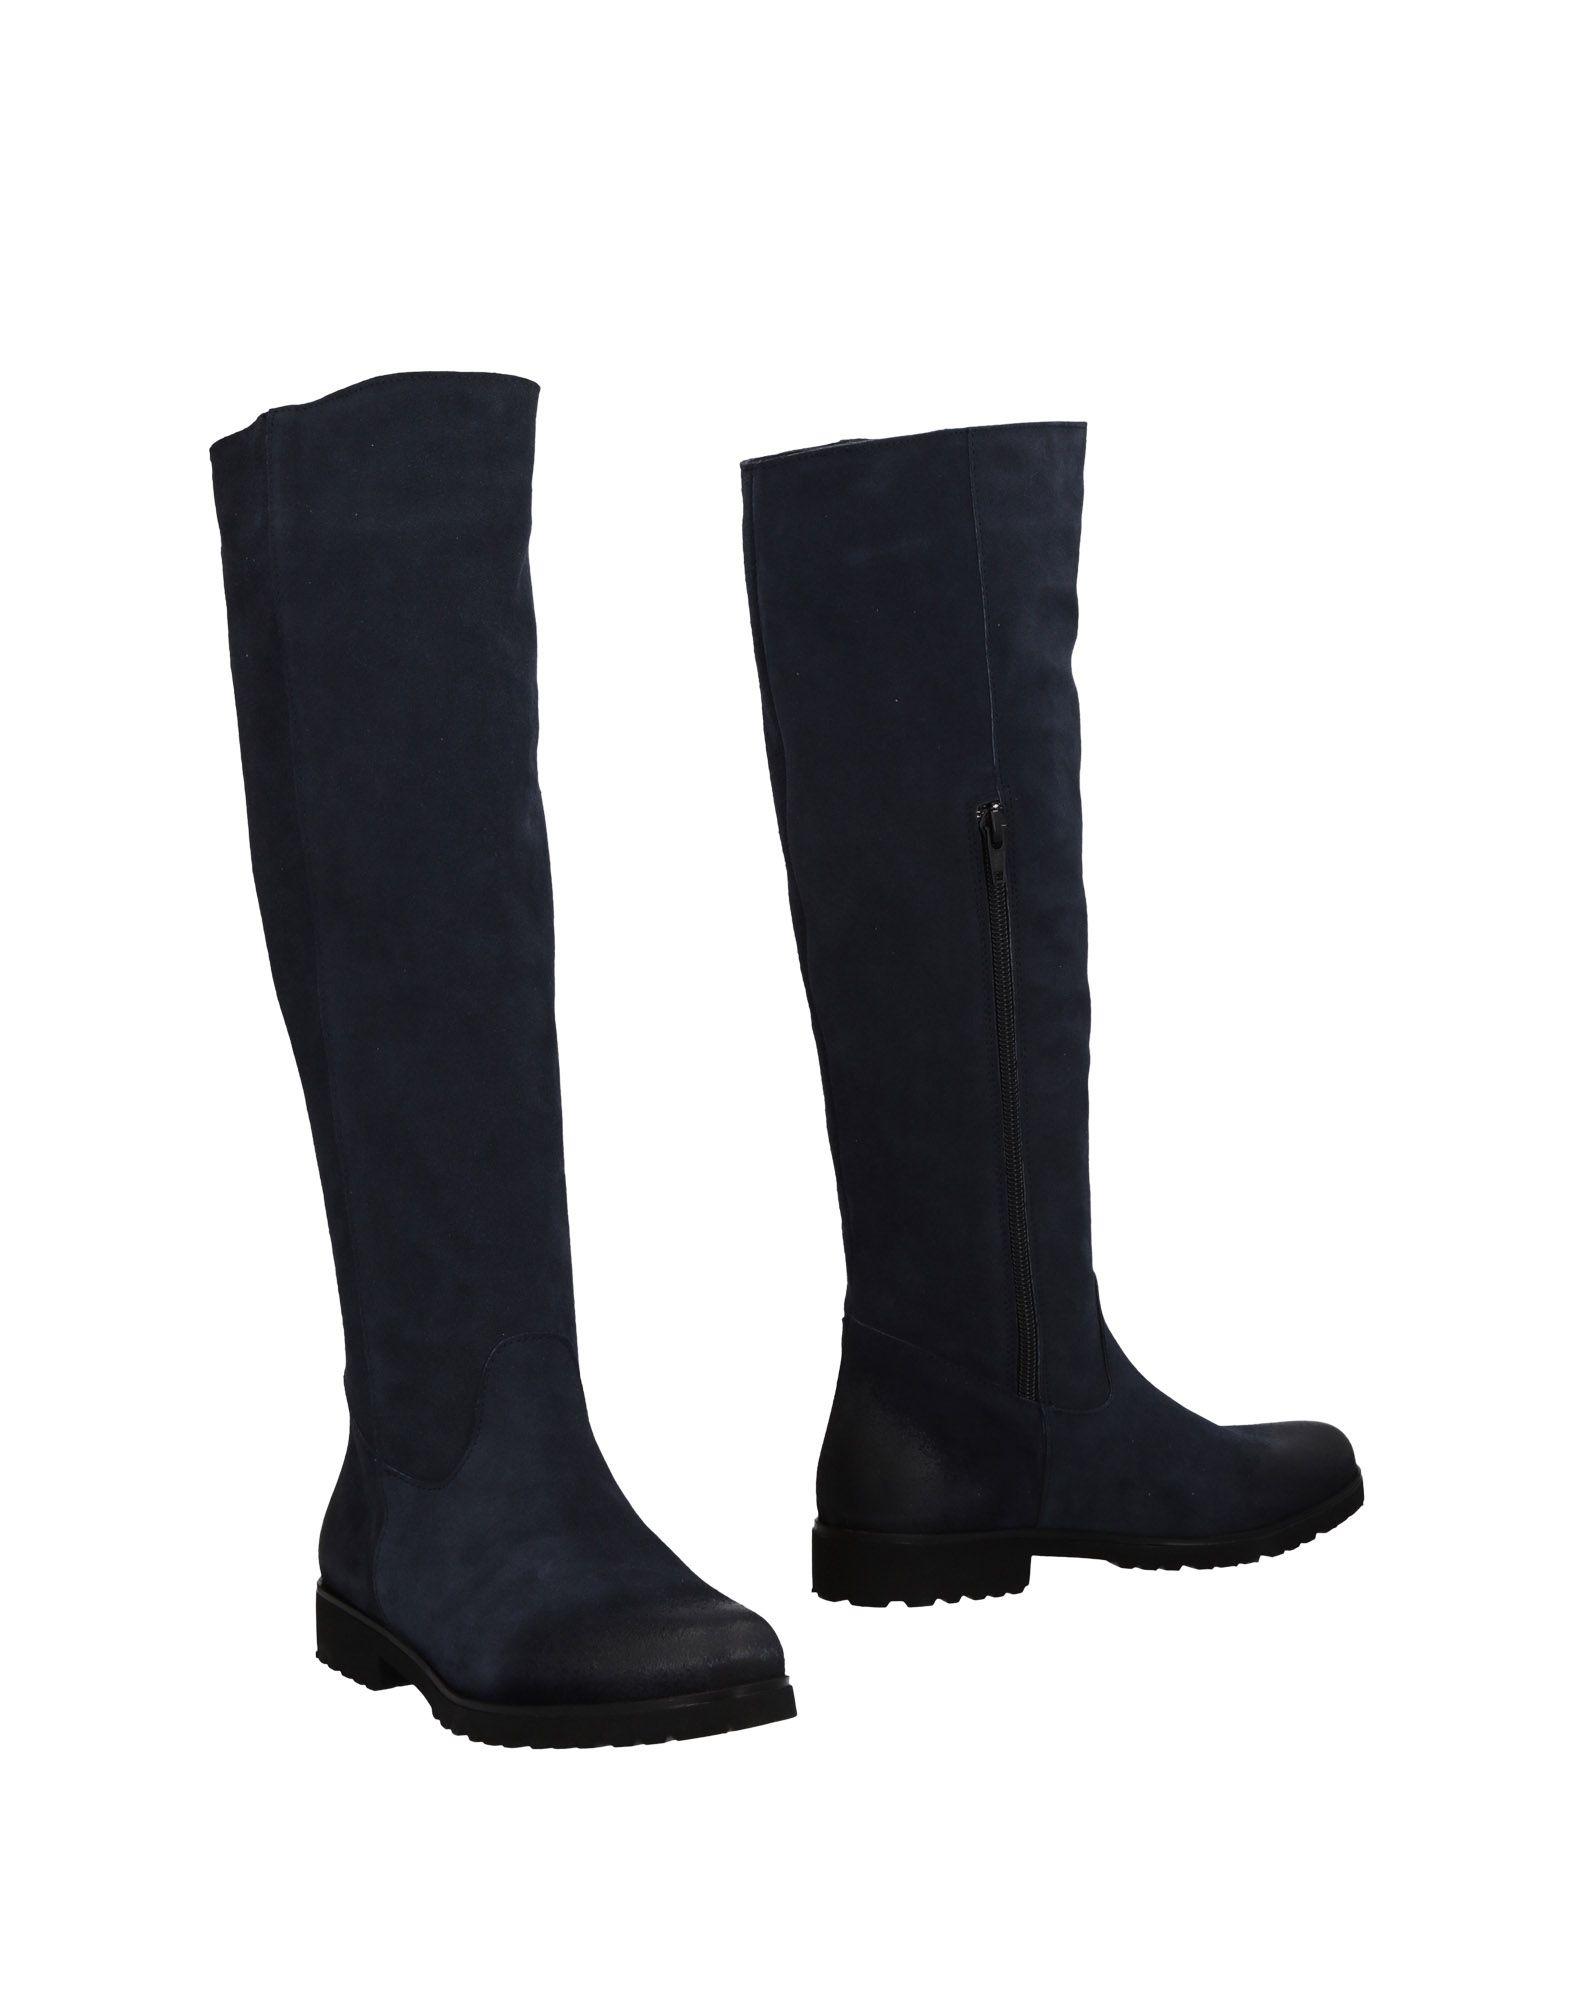 Nila & Damen Nila Stiefel Damen &  11474292OG Neue Schuhe 6aee8d